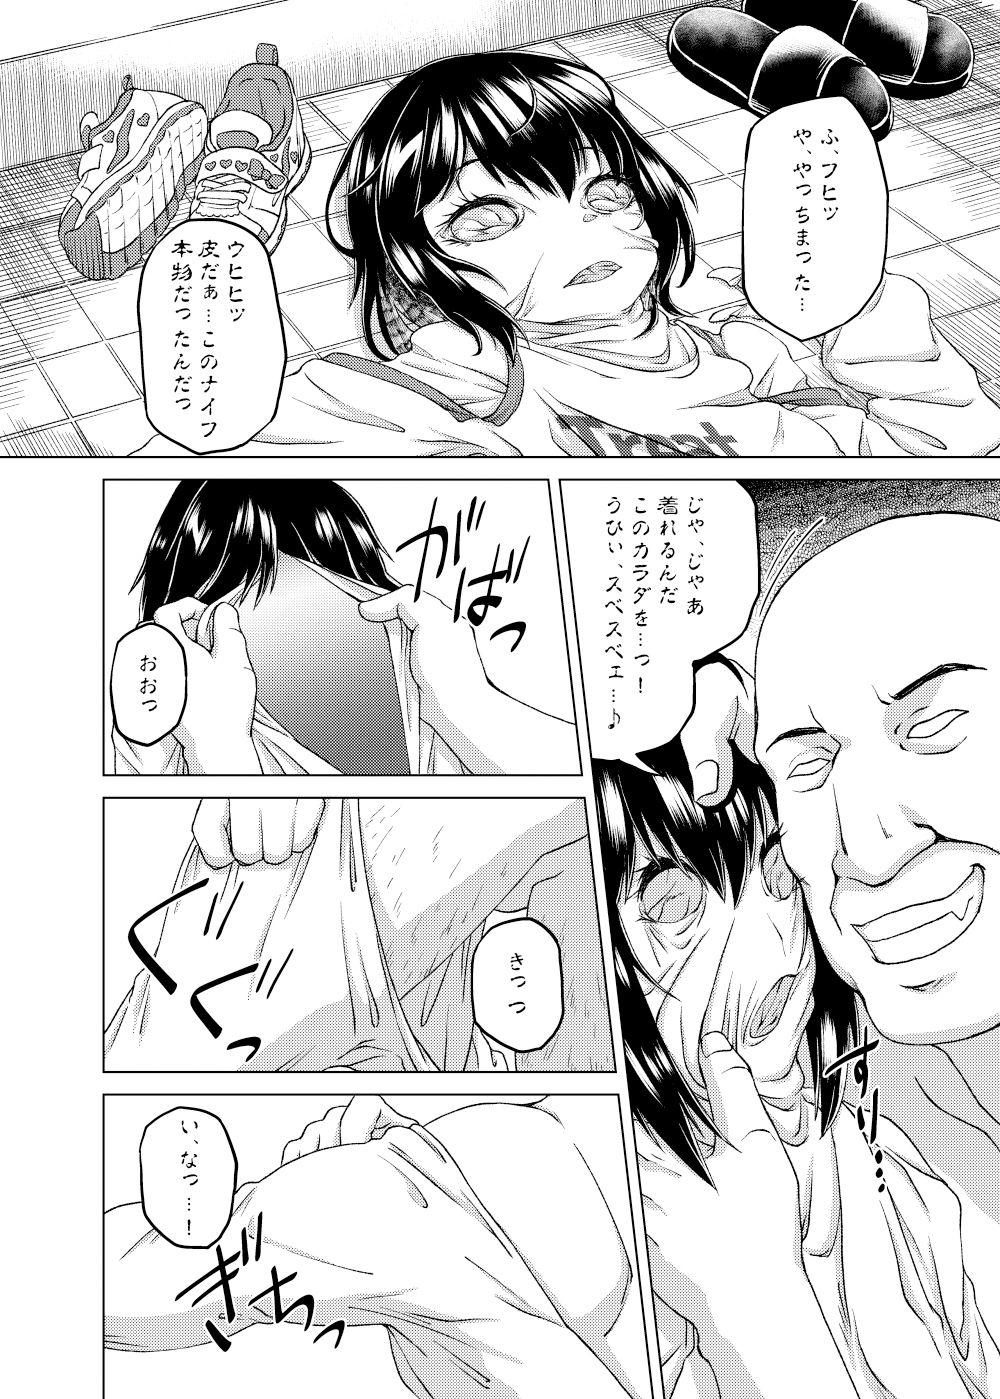 乗っ取り!〜女の子のカラダを乗っ取るコミックアンソロジ〜弐